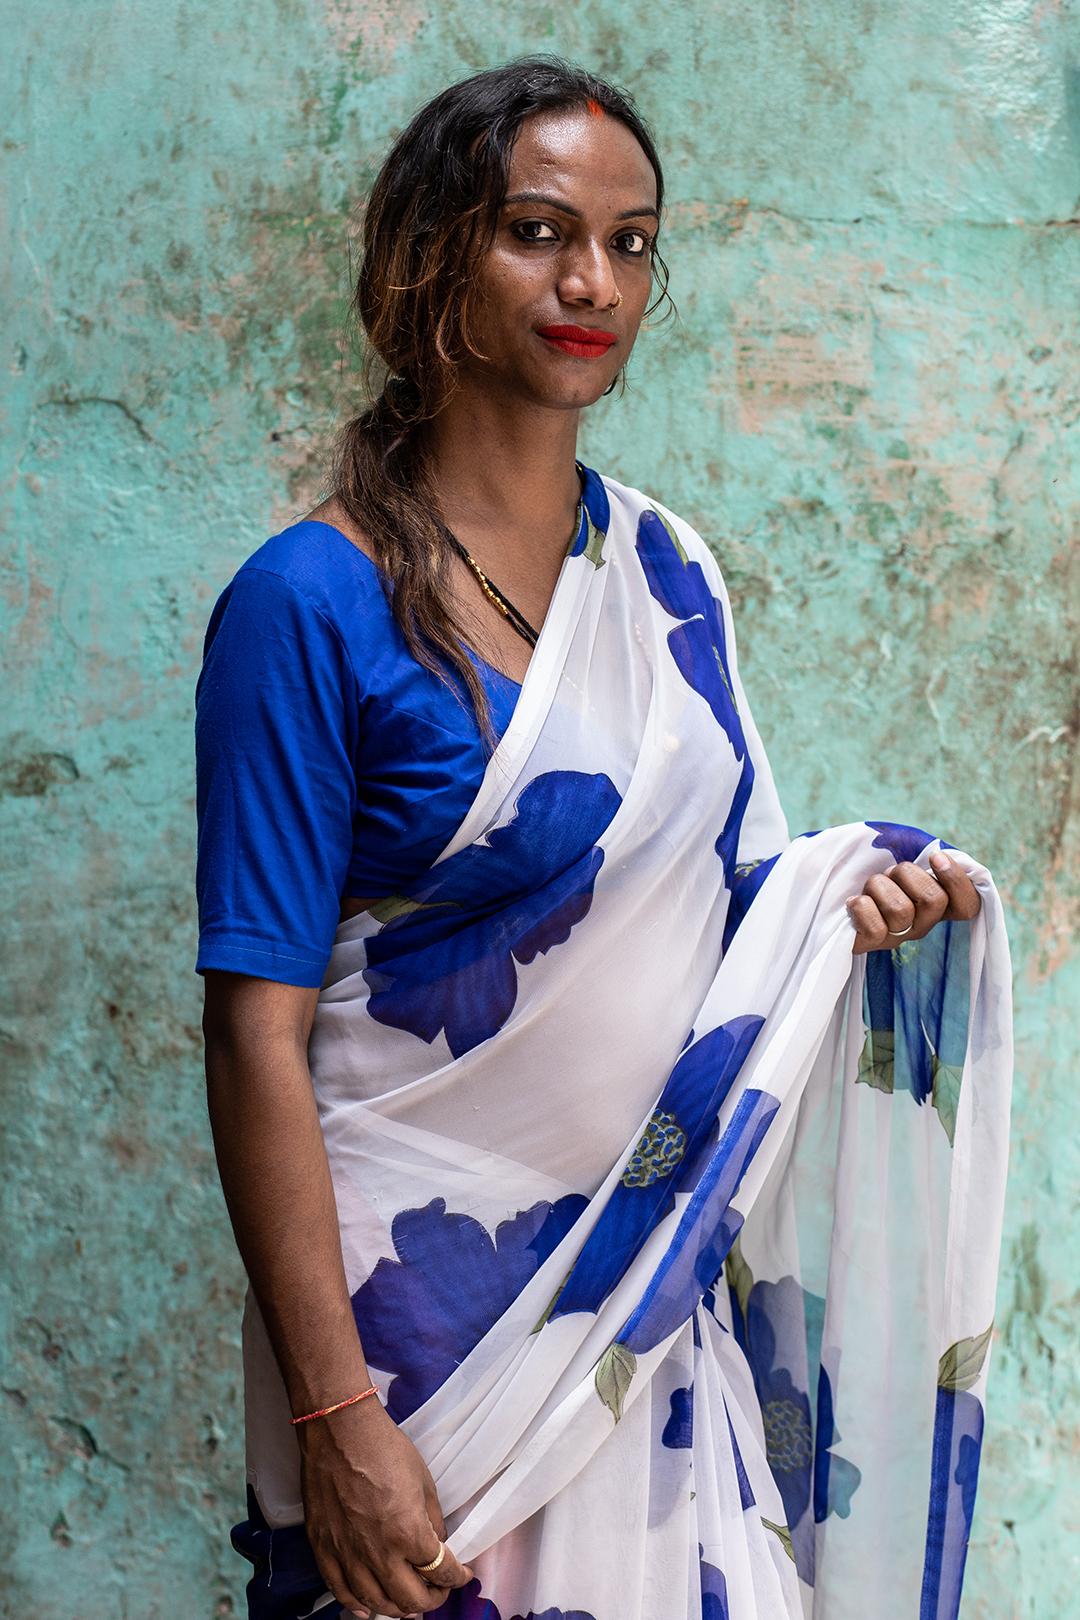 Rupaa posa para retrato na frente de uma casa em Varanasi. Durante uma conversa, ela relaciona sua identidade de gênero a decisões divinas